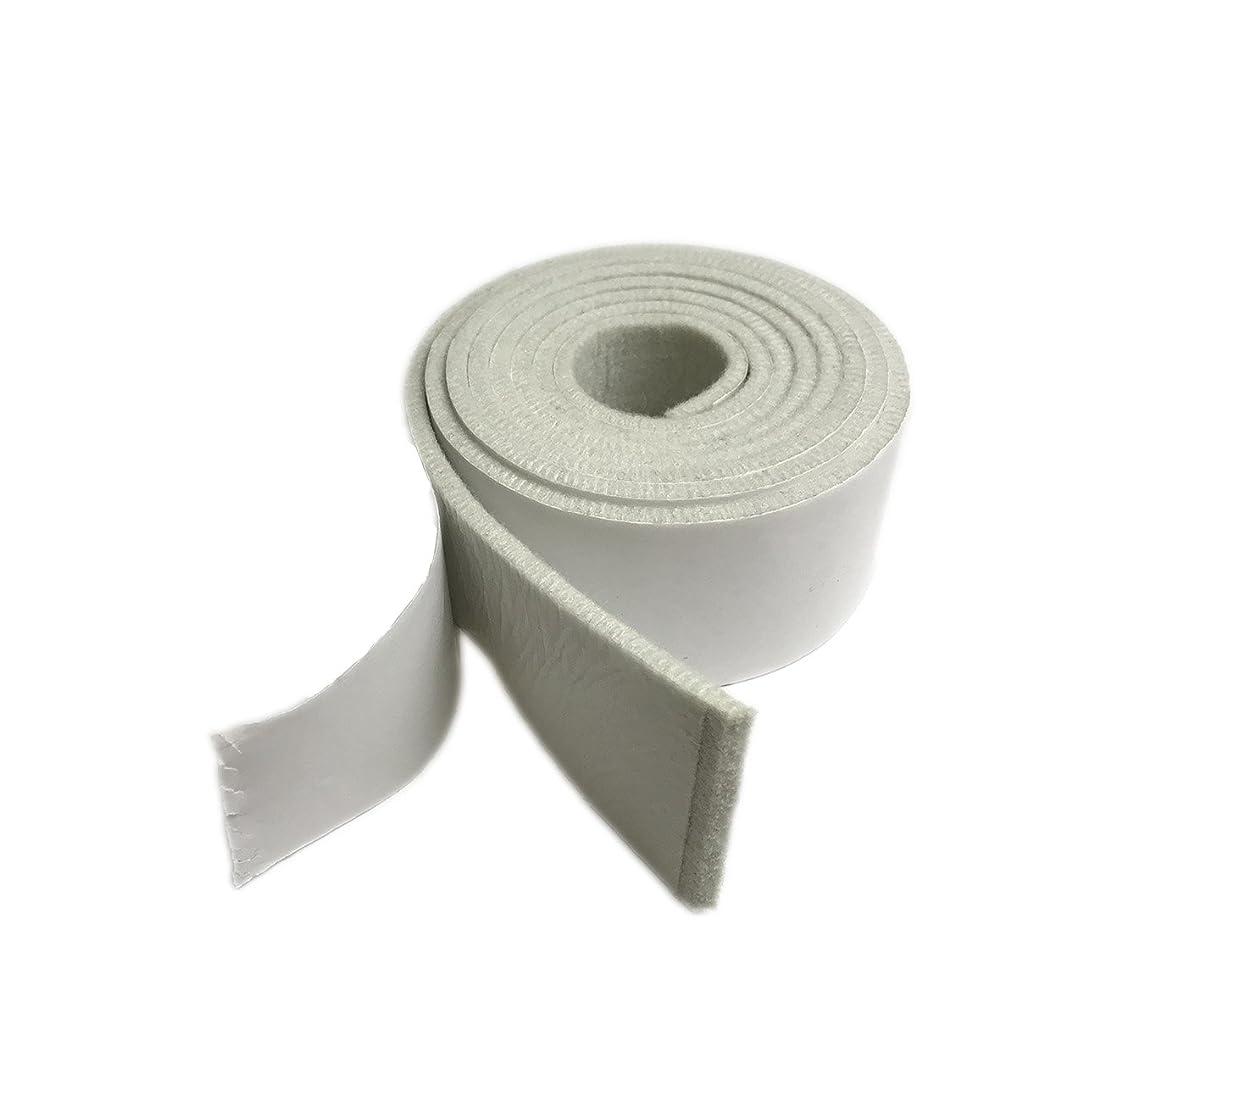 文字フルーツ野菜最大限【MOLO】床のキズ防止テープ 家具保護パッド 防音 自由にカットして 粘着付き 幅5cm 長200cm 厚さ4mm (白い)